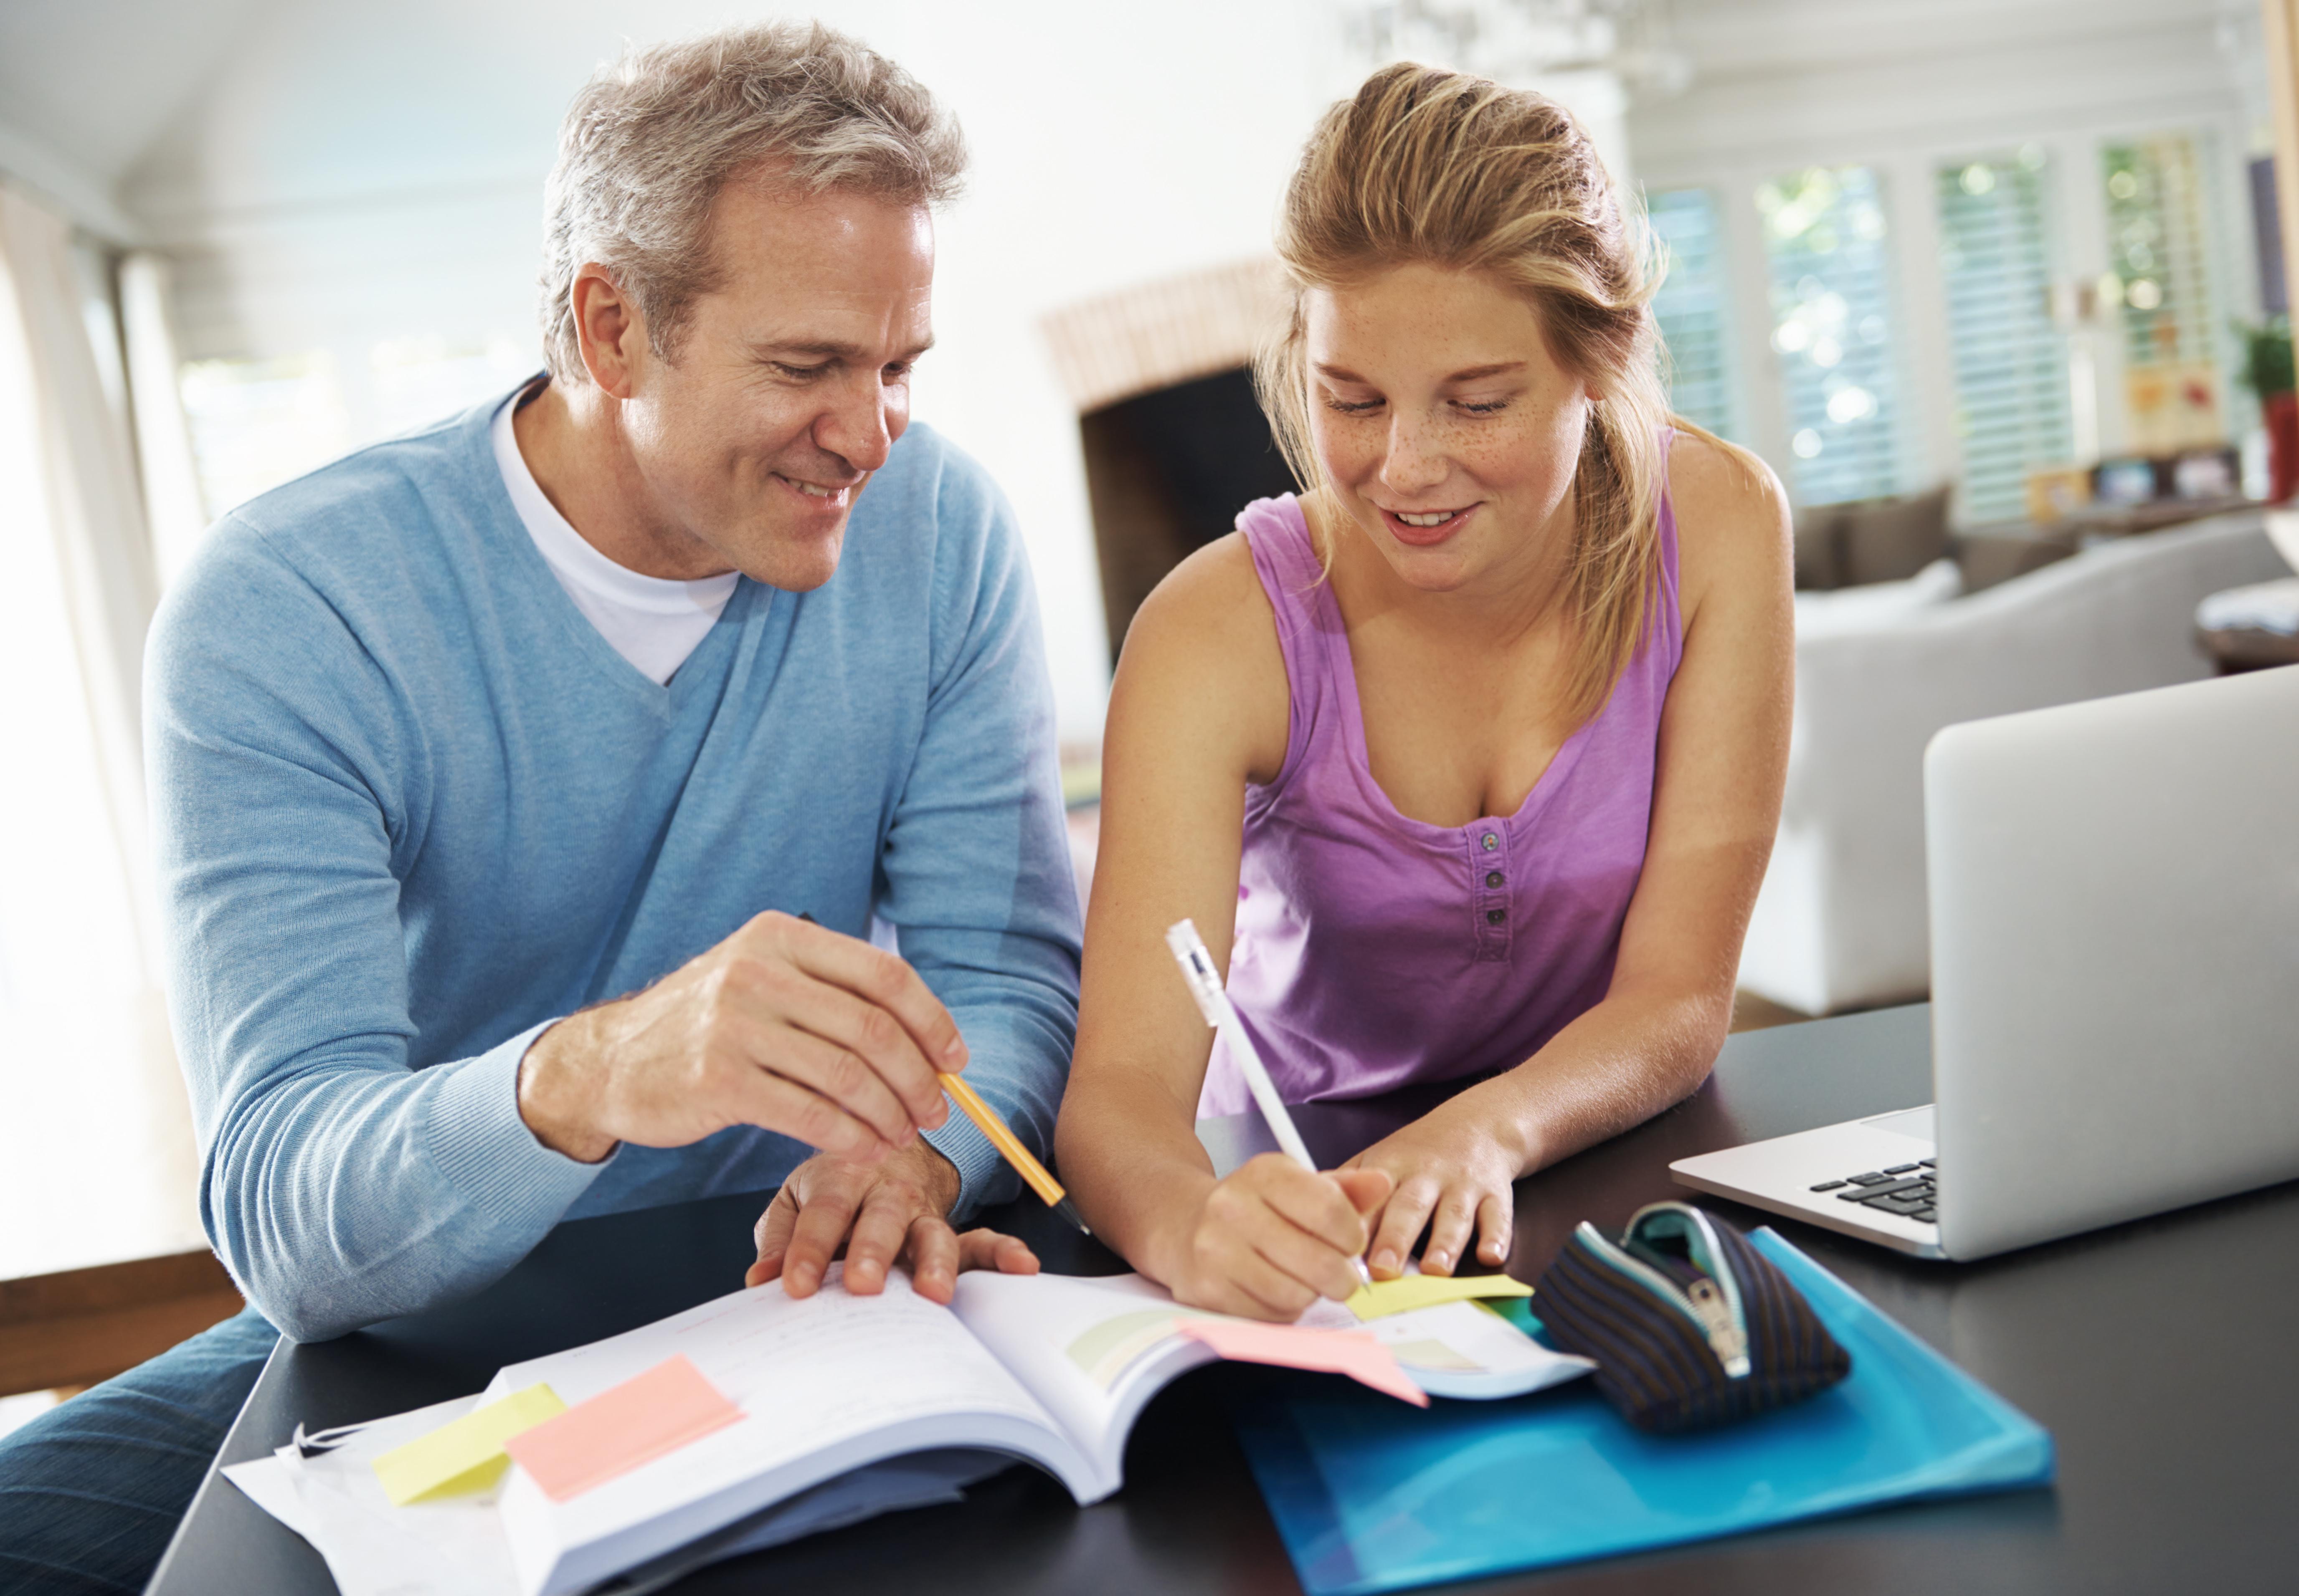 Fachtag Elternarbeit - Eltern als Partner in der Berufsorientierung